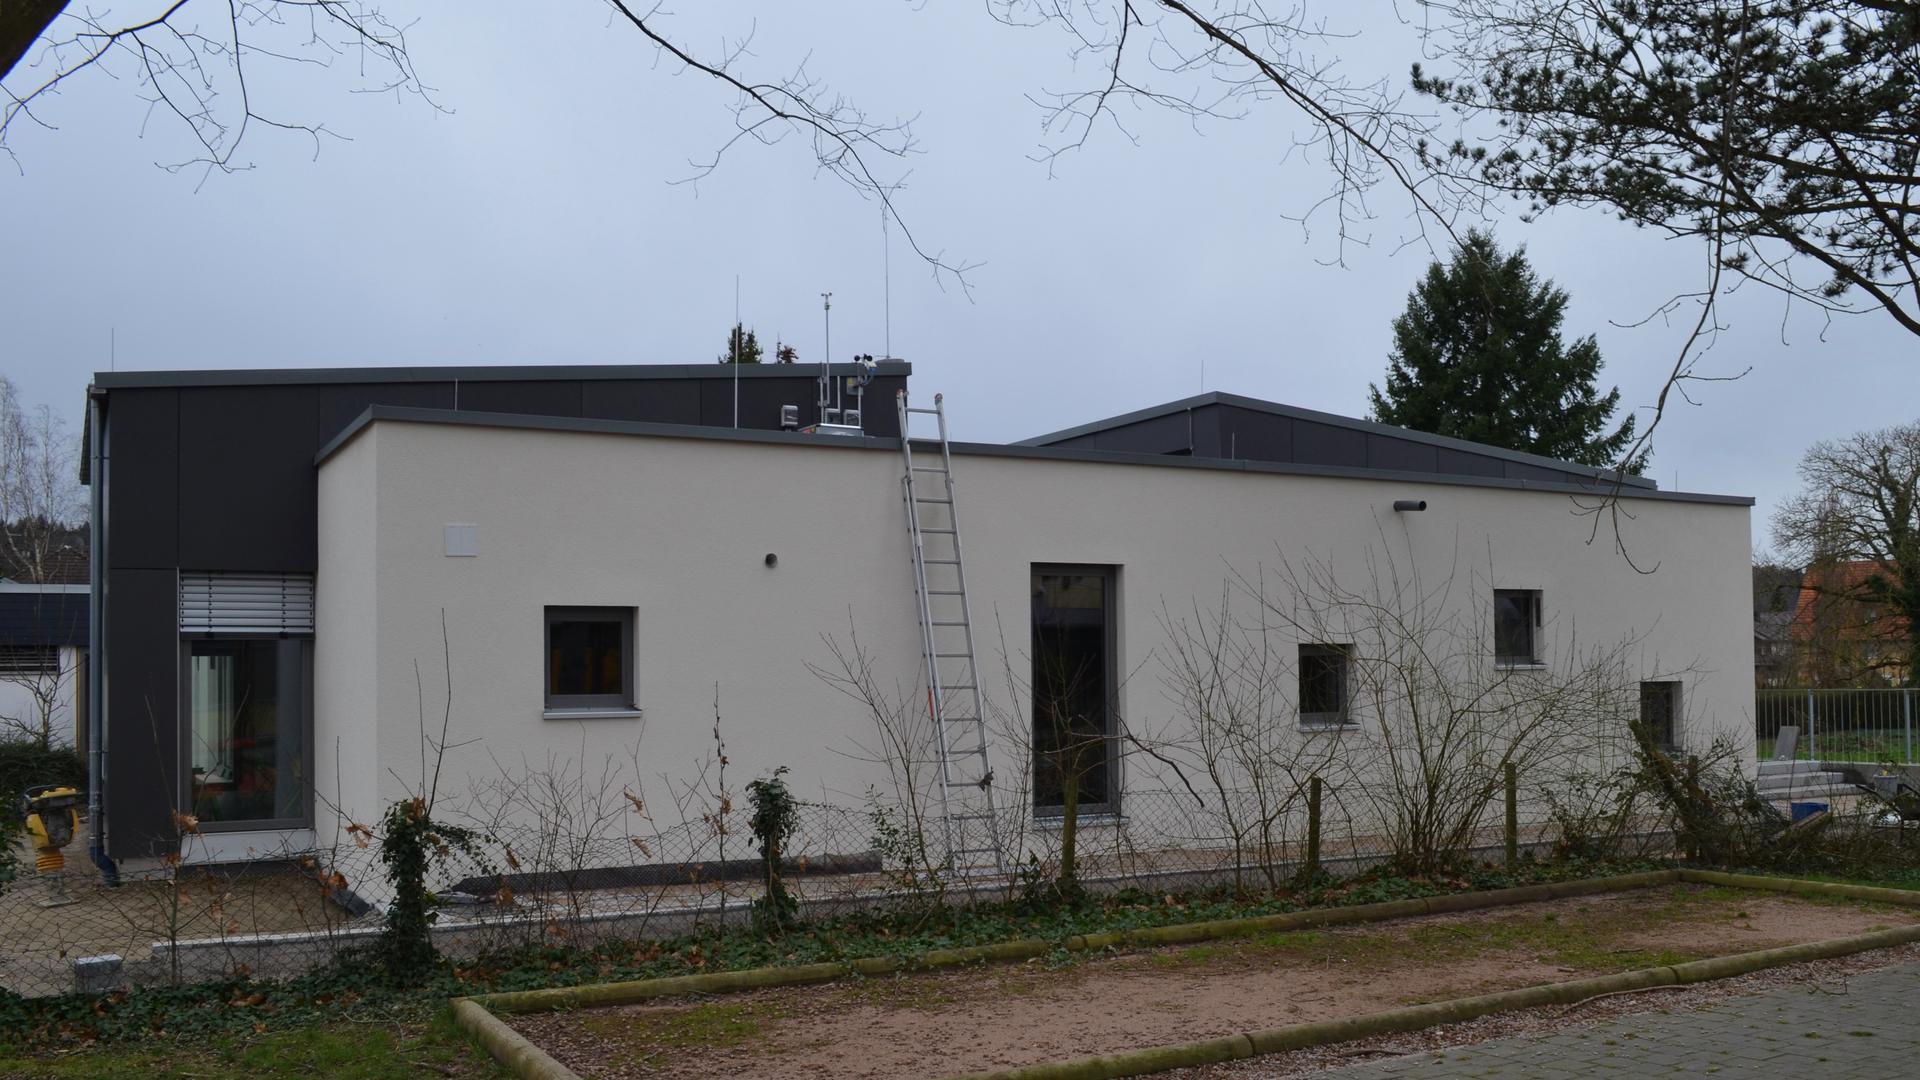 Der Erweiterungsbau des katholischen Kindergartens in Gaggenau-Bad Rotenfels ist fertiggestellt worden. Die Einweihungsfeier für Dienstag, 3. März, wurde wegen des Coronavirus aber kurzfristig abgesagt.